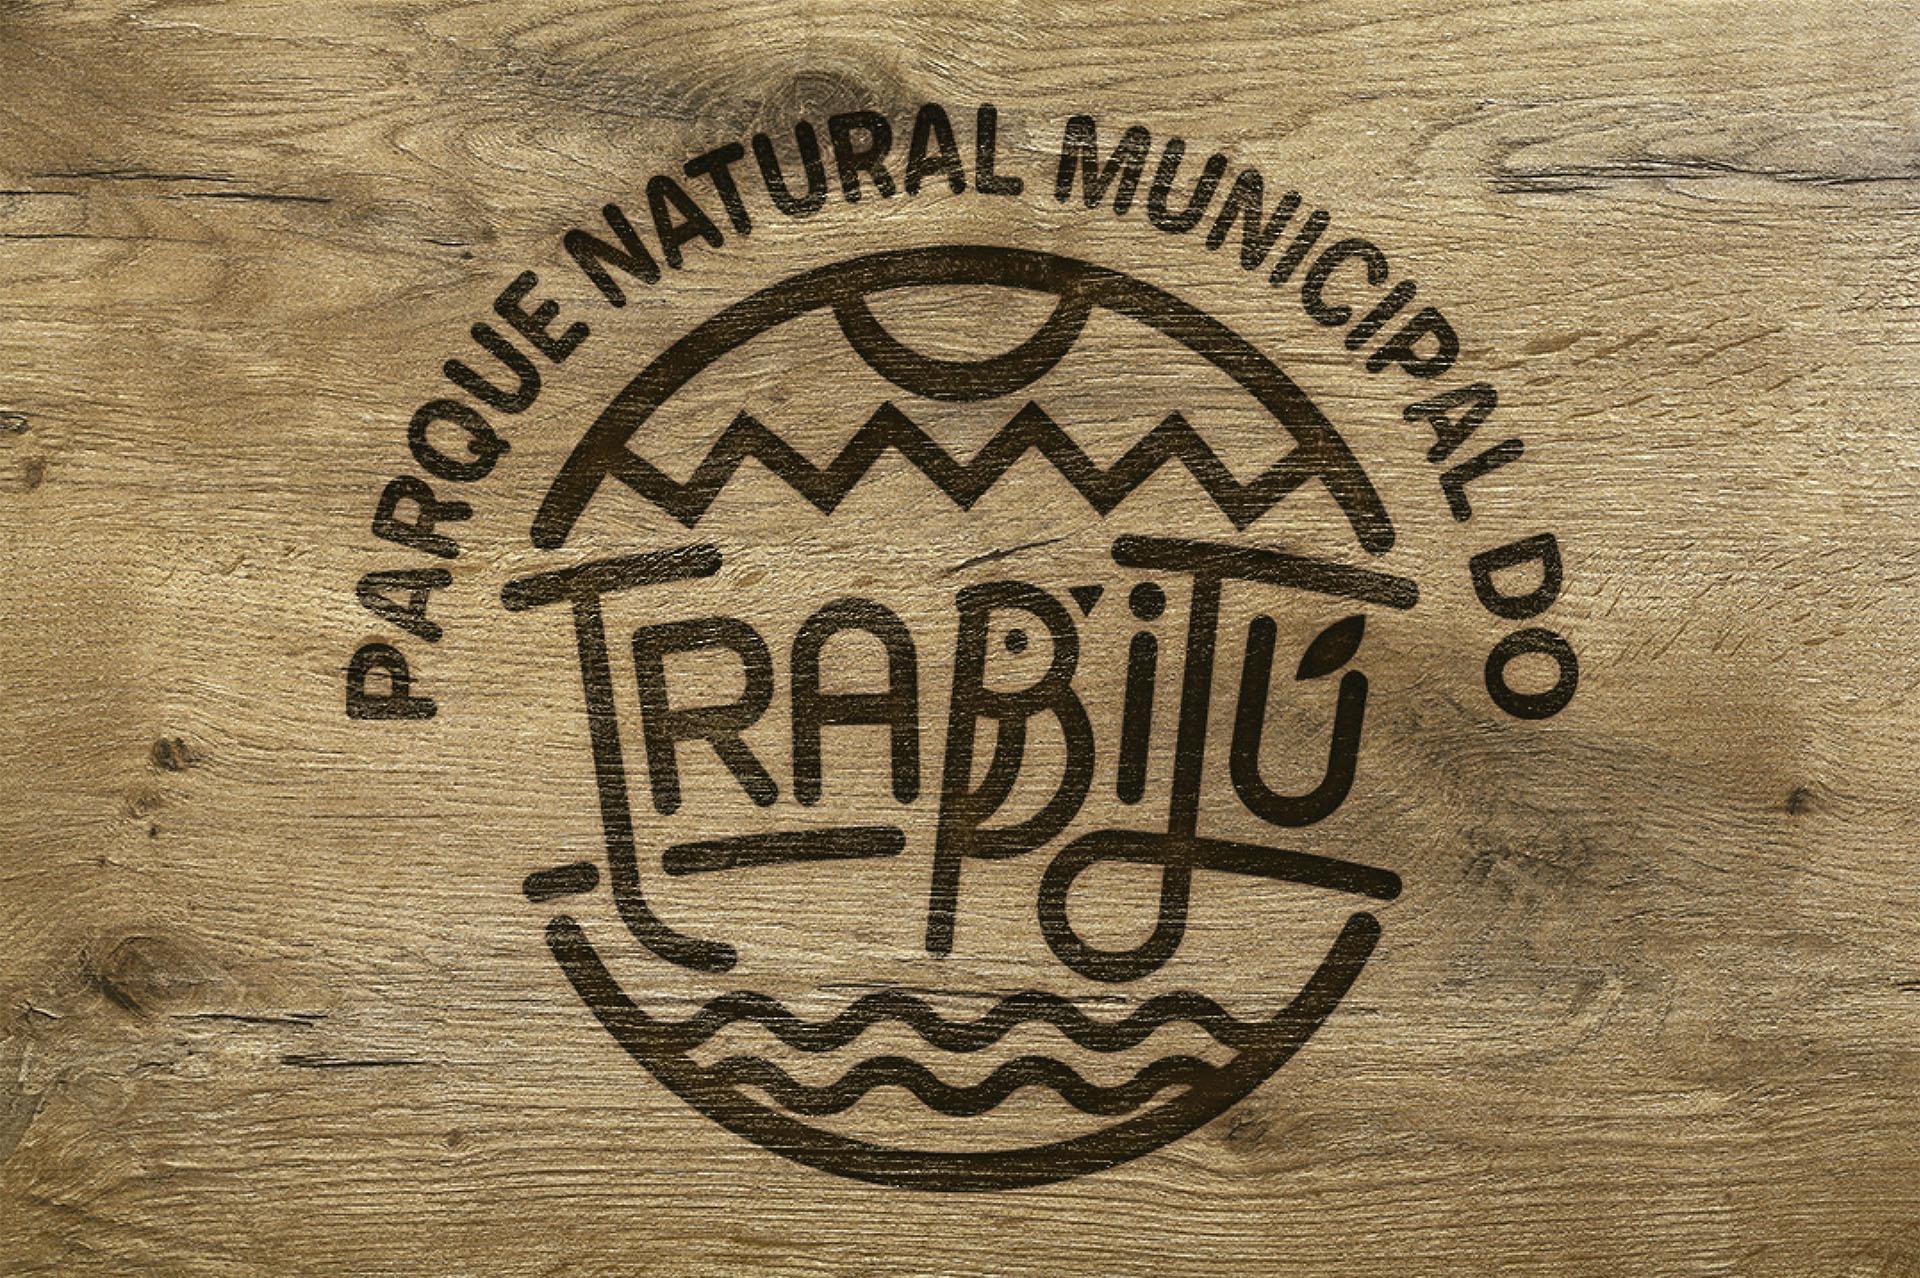 Aplicação do Logotipo do Parque Natural Municipal do Trabijú